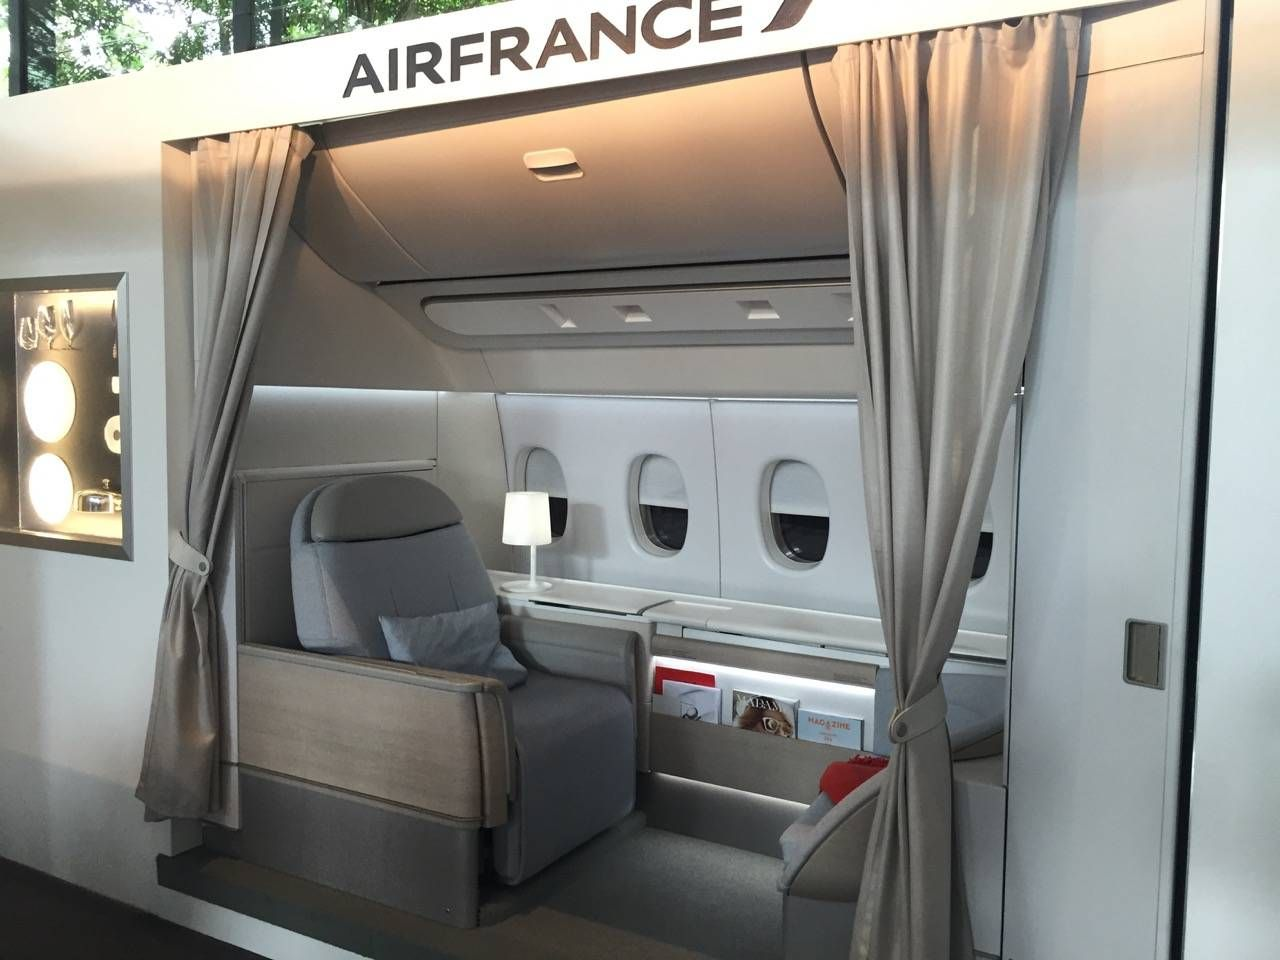 Air France La Premiere-06